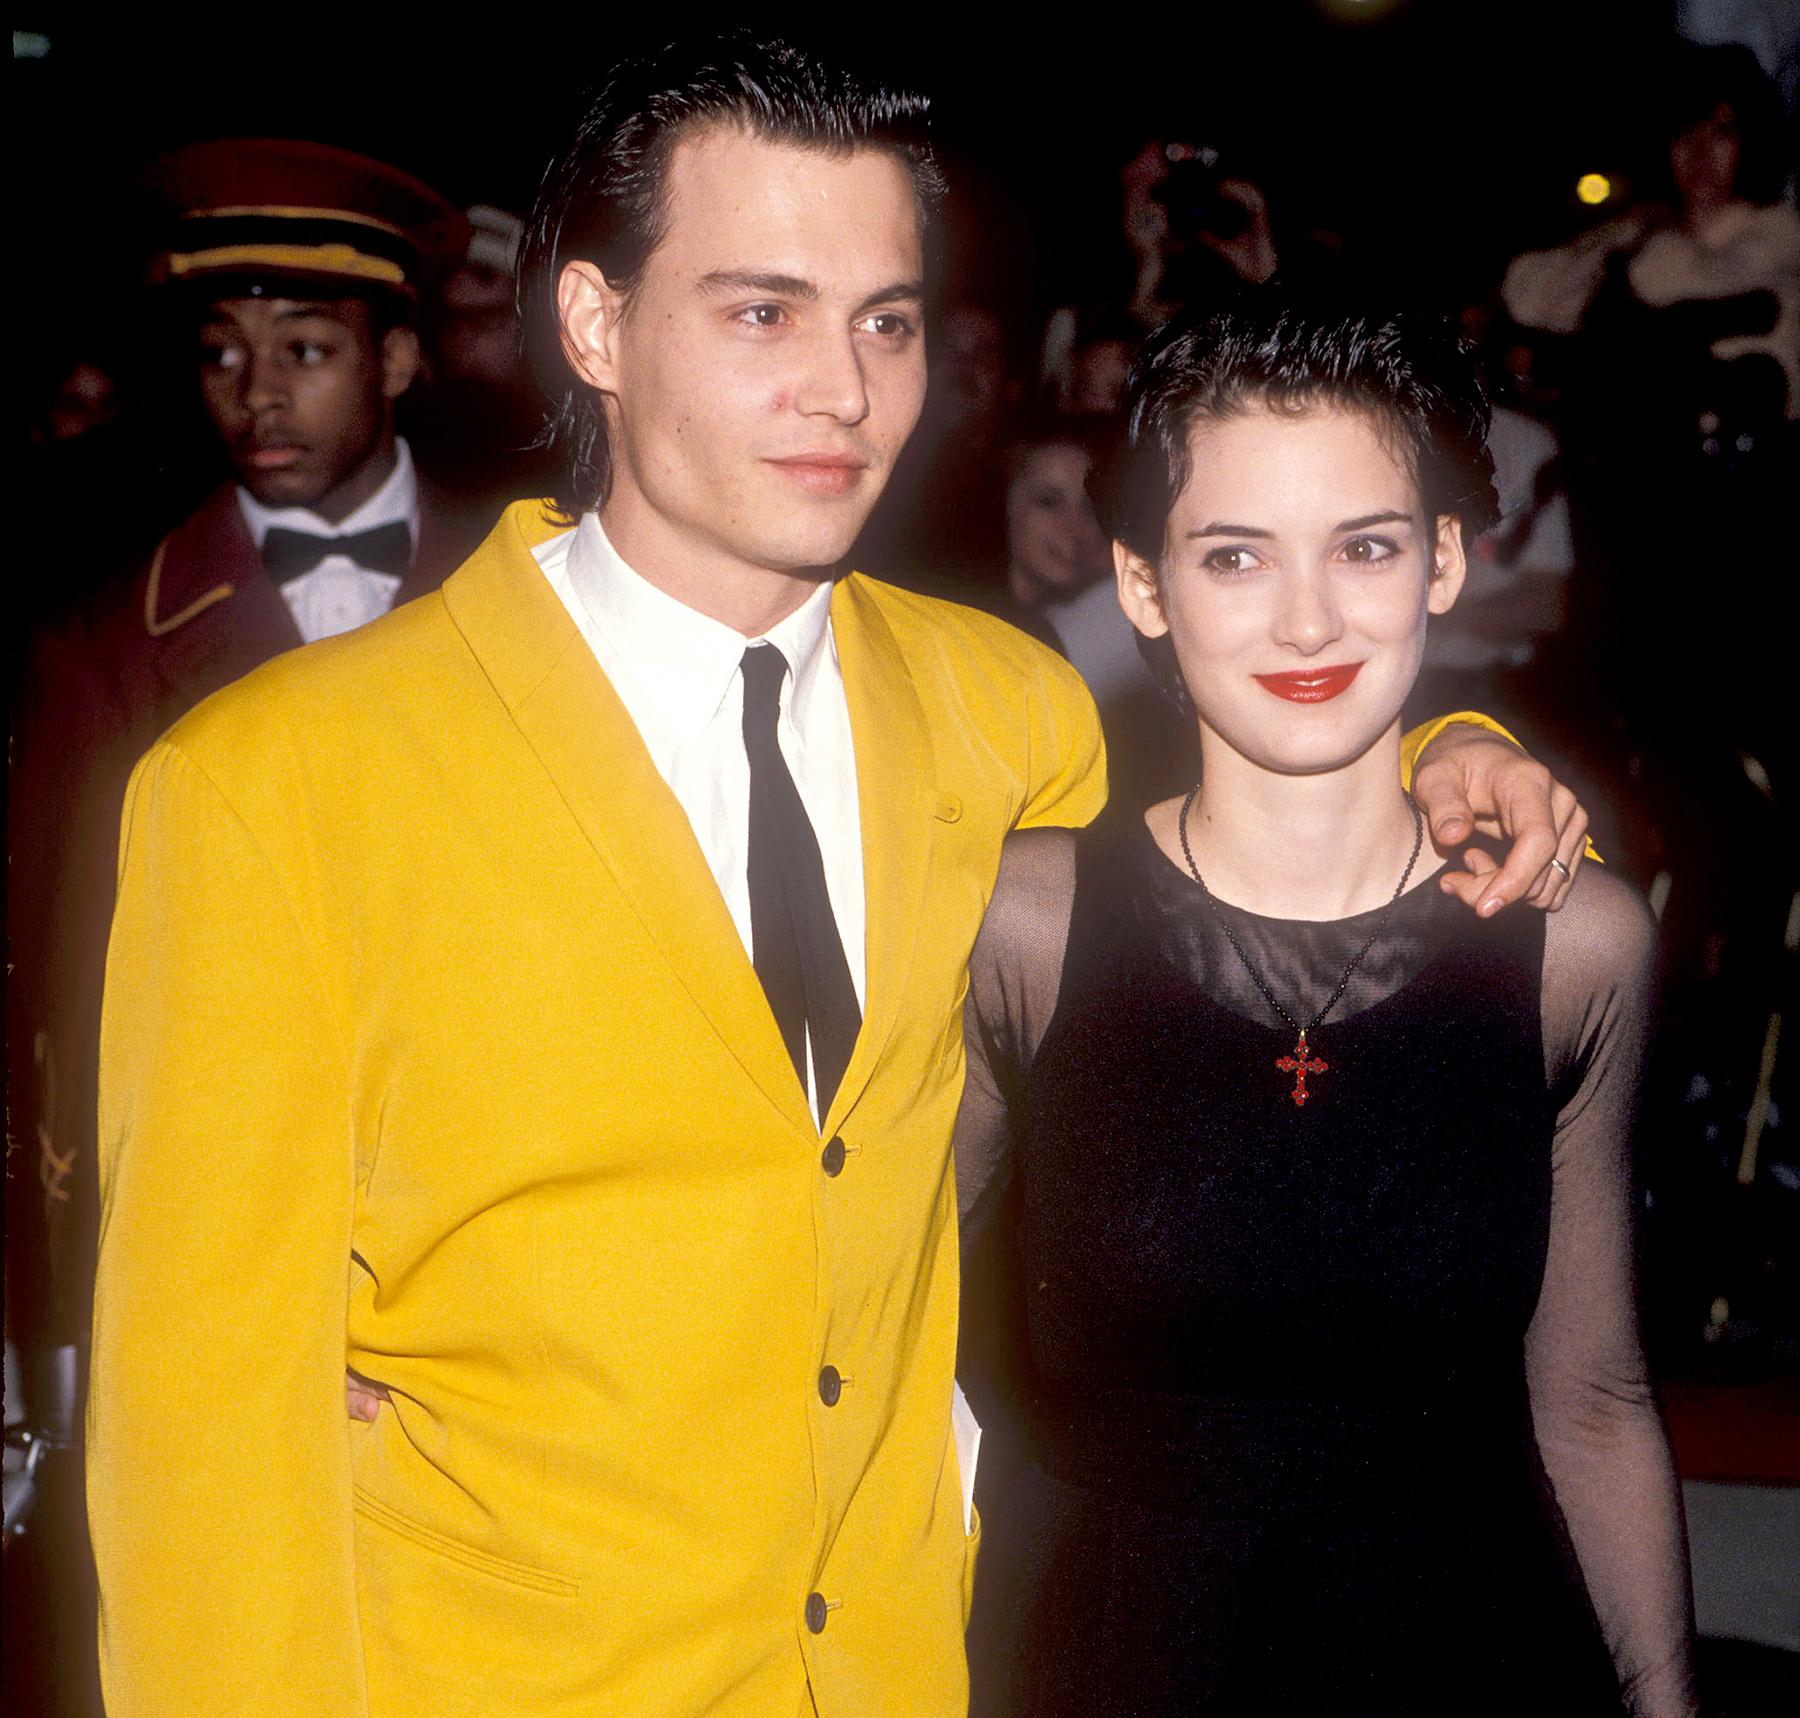 Johnny Depps Romantic History From Amber Heard To Winona Ryder